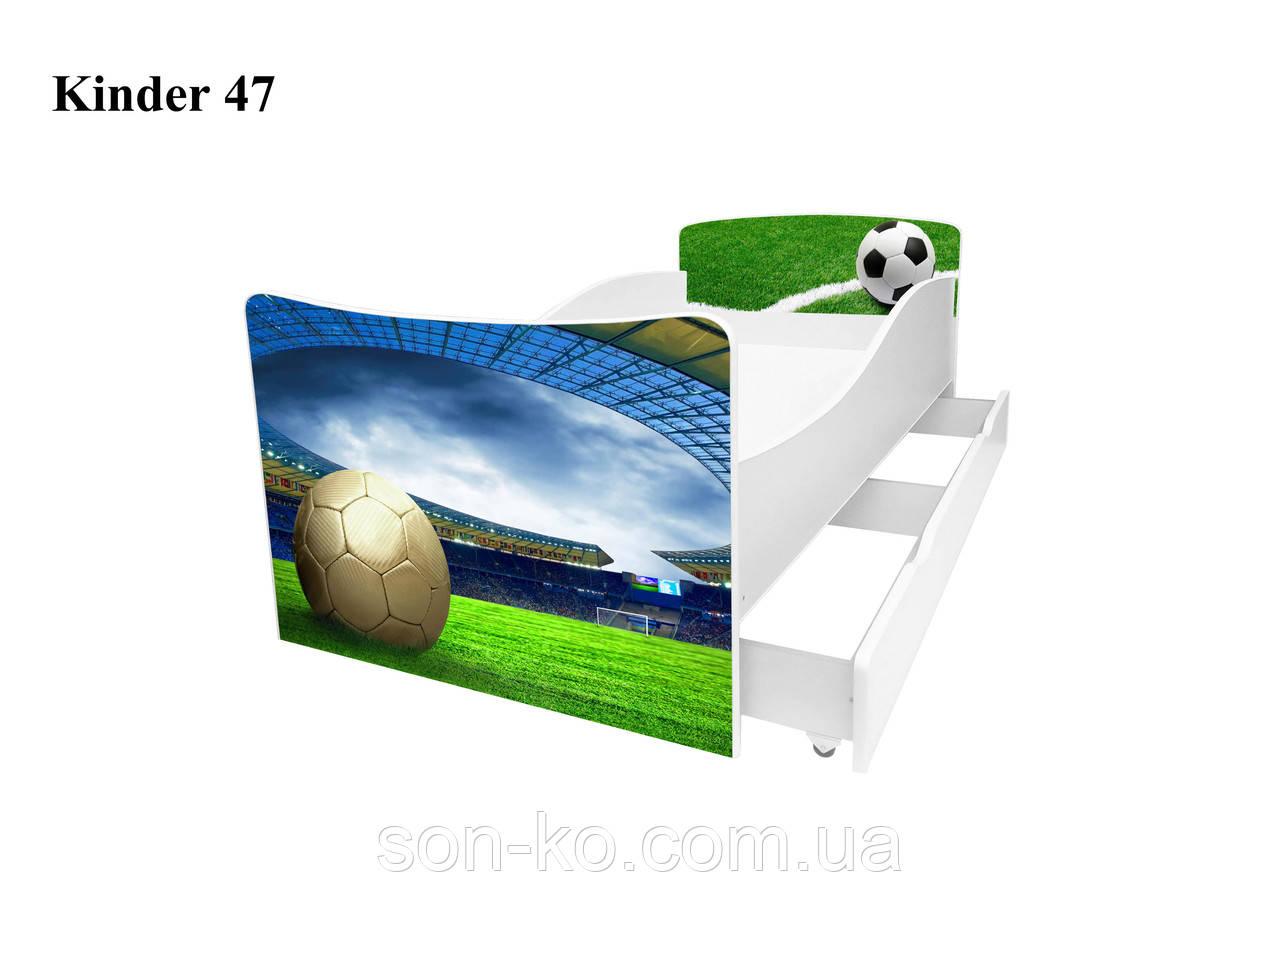 Кровать детская Киндер Футбол. Бесплатная доставка